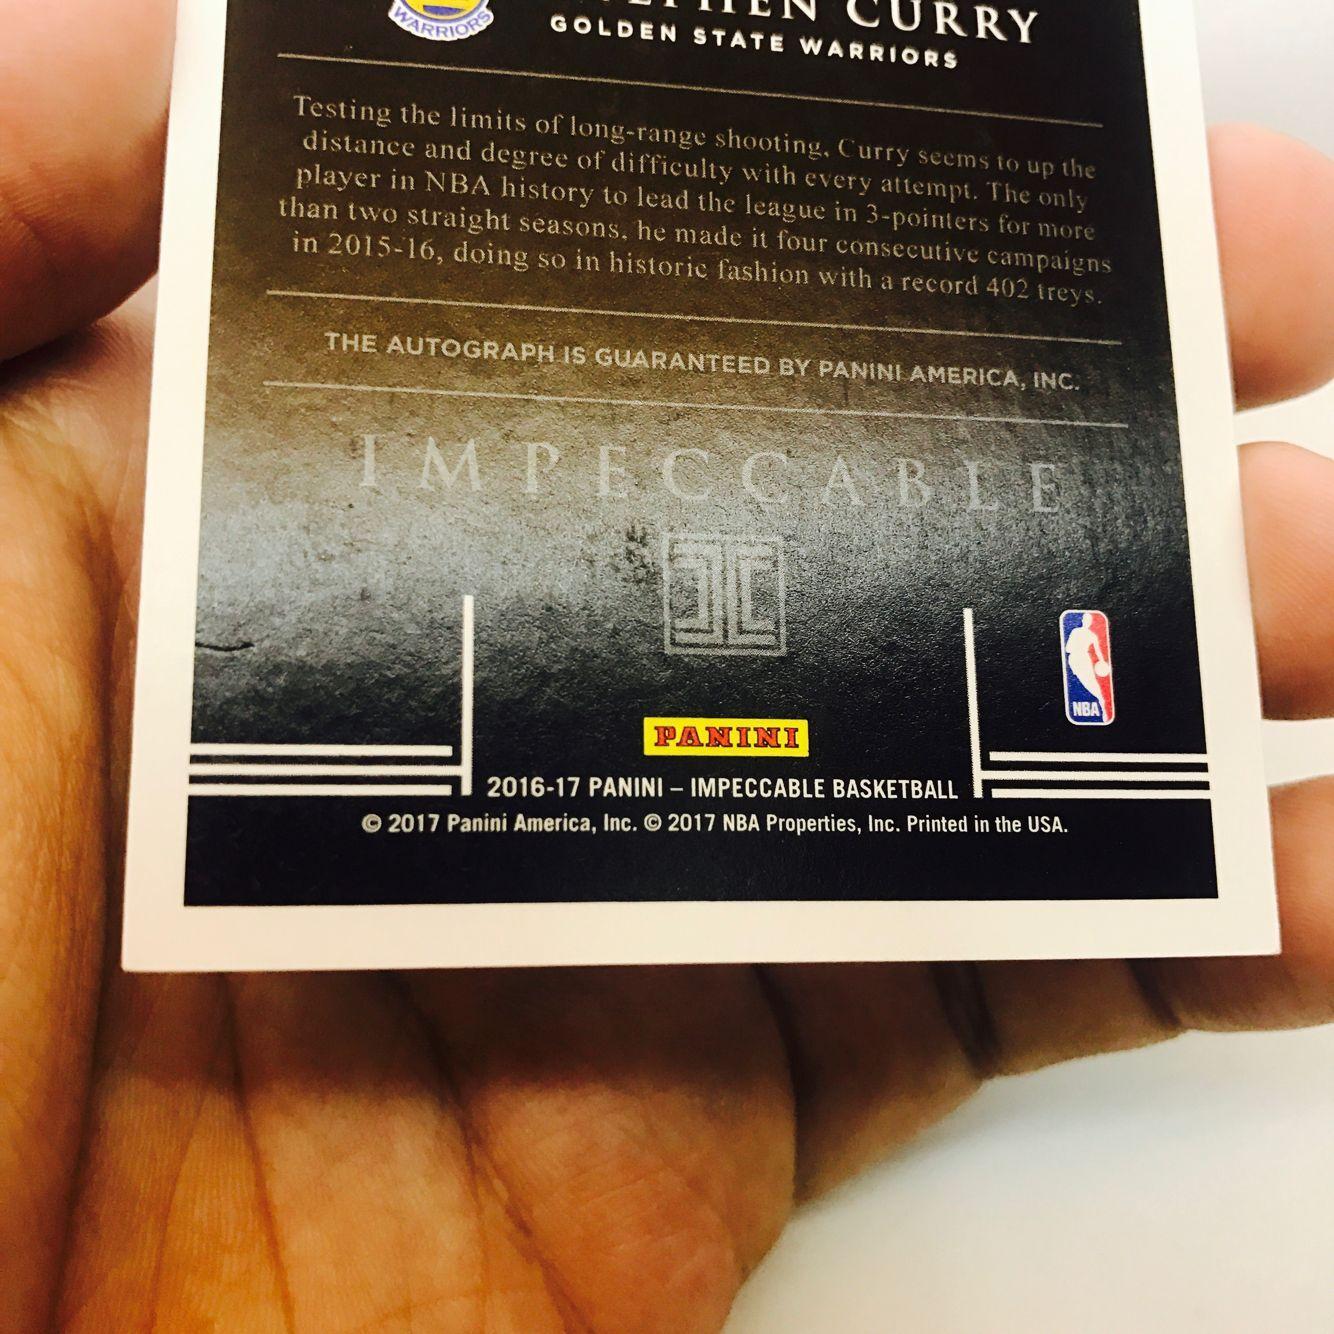 【艾之魂球星卡 广州分区】16-17 Impeccable 小真金白银 元年系列 斯蒂芬-库里 勇士 超级巨星 29/30编 背号编 背号签 卡签 号码签 此卡包砖 ebay已涨疯 很难找寻【ab】